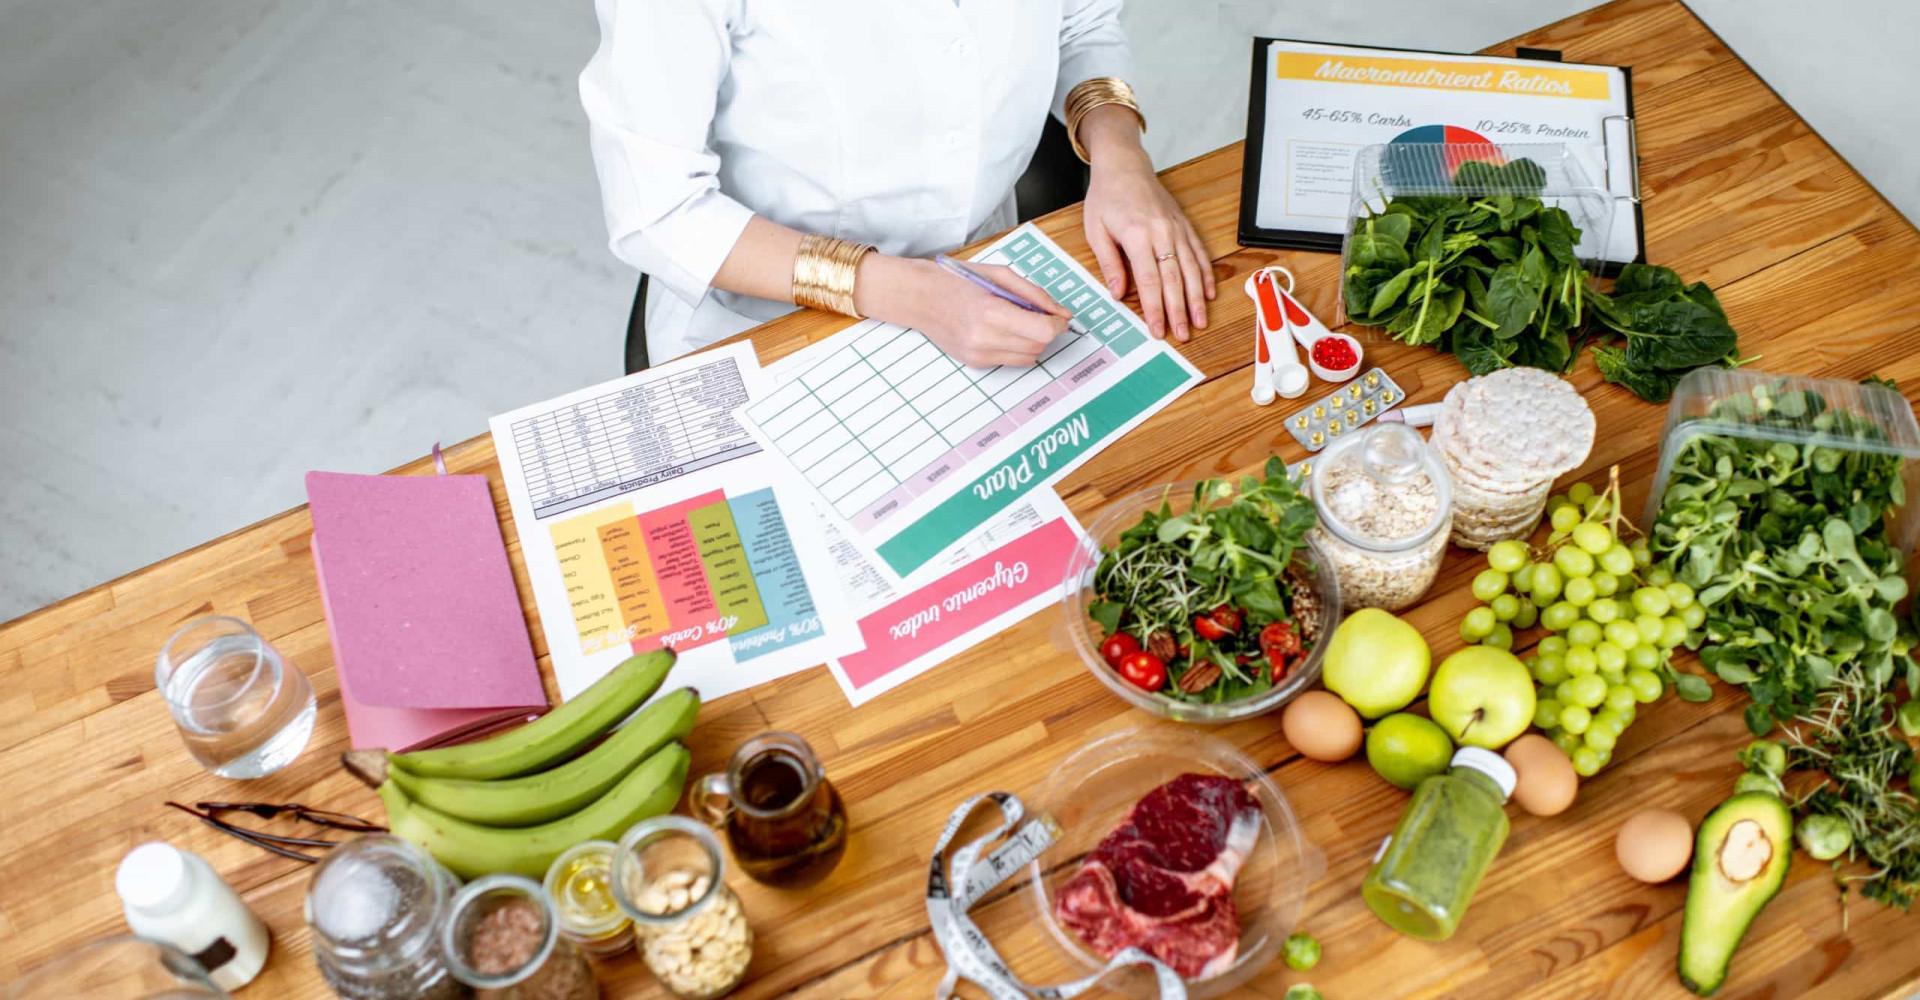 Zo kun je je bloeddruk verlagen met de juiste voeding